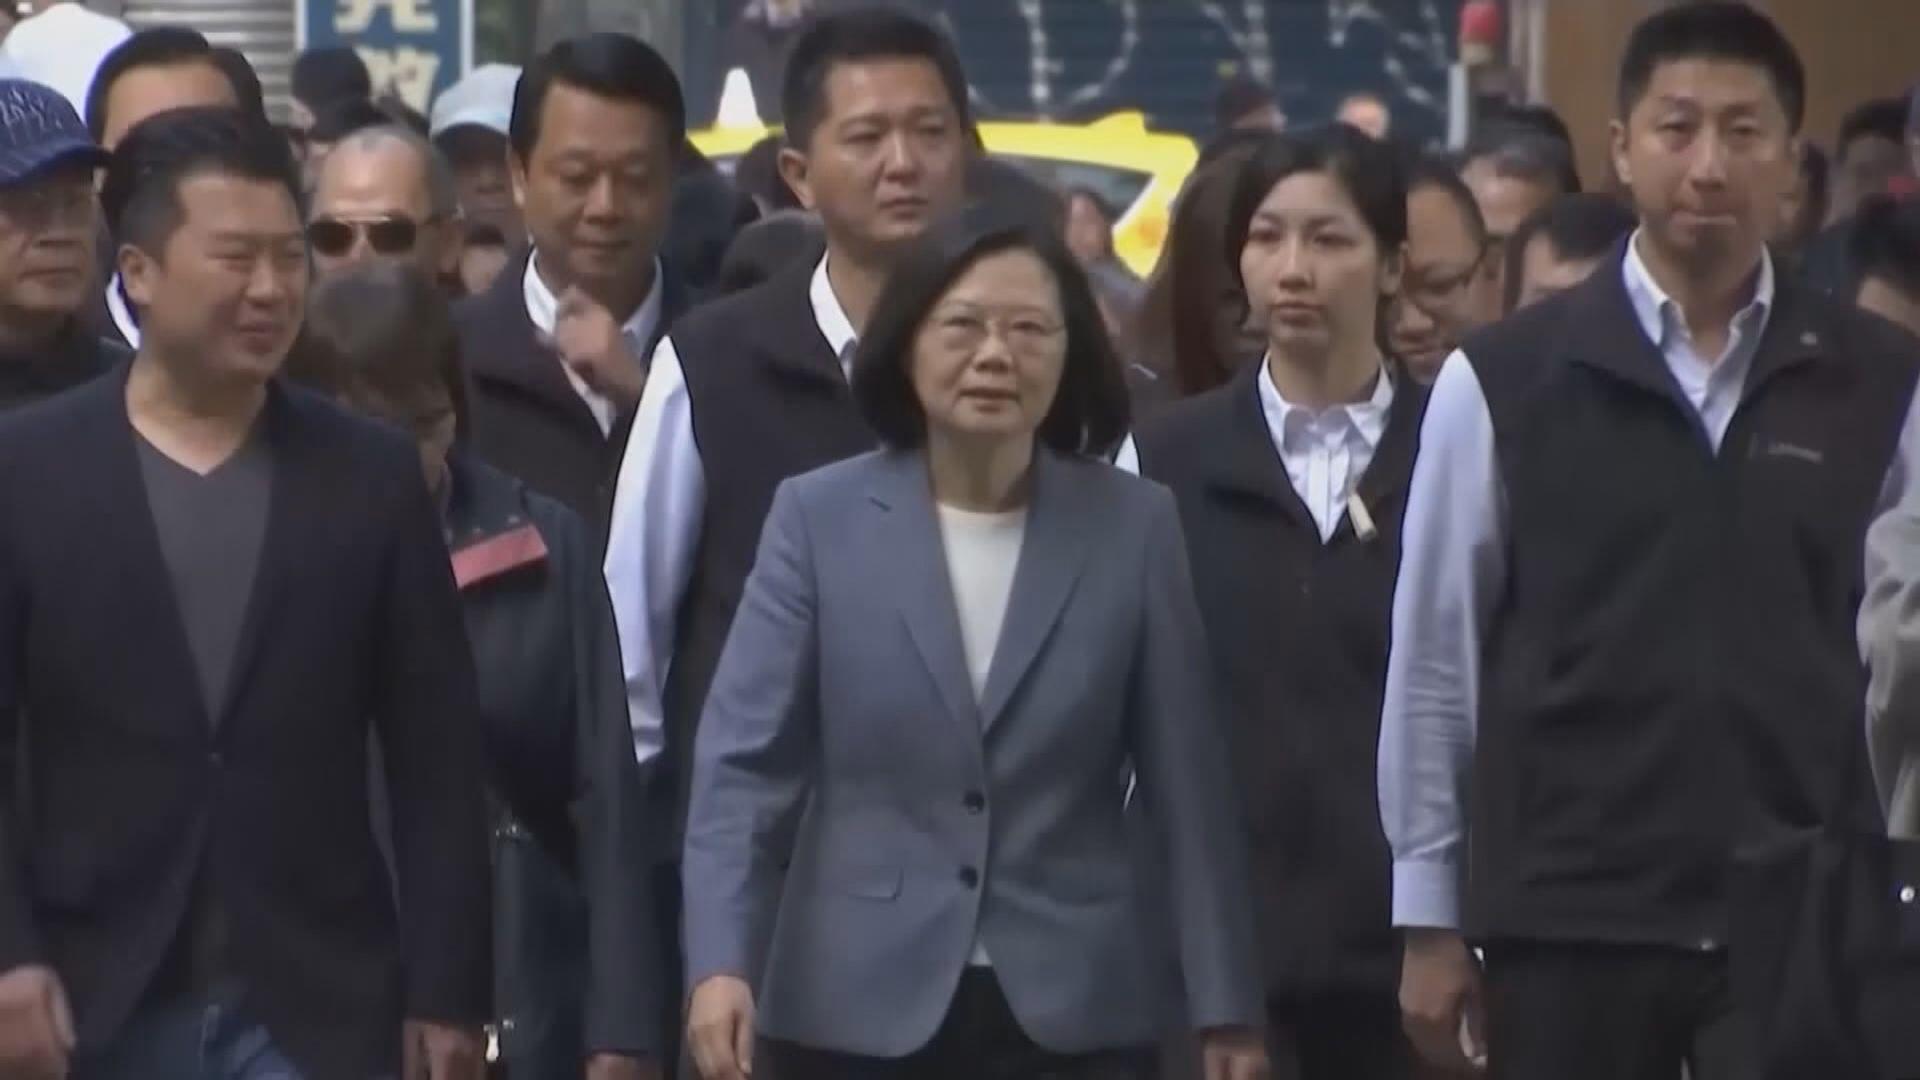 美媒指有論壇擬頒奬予蔡英文表揚她反對北京施壓